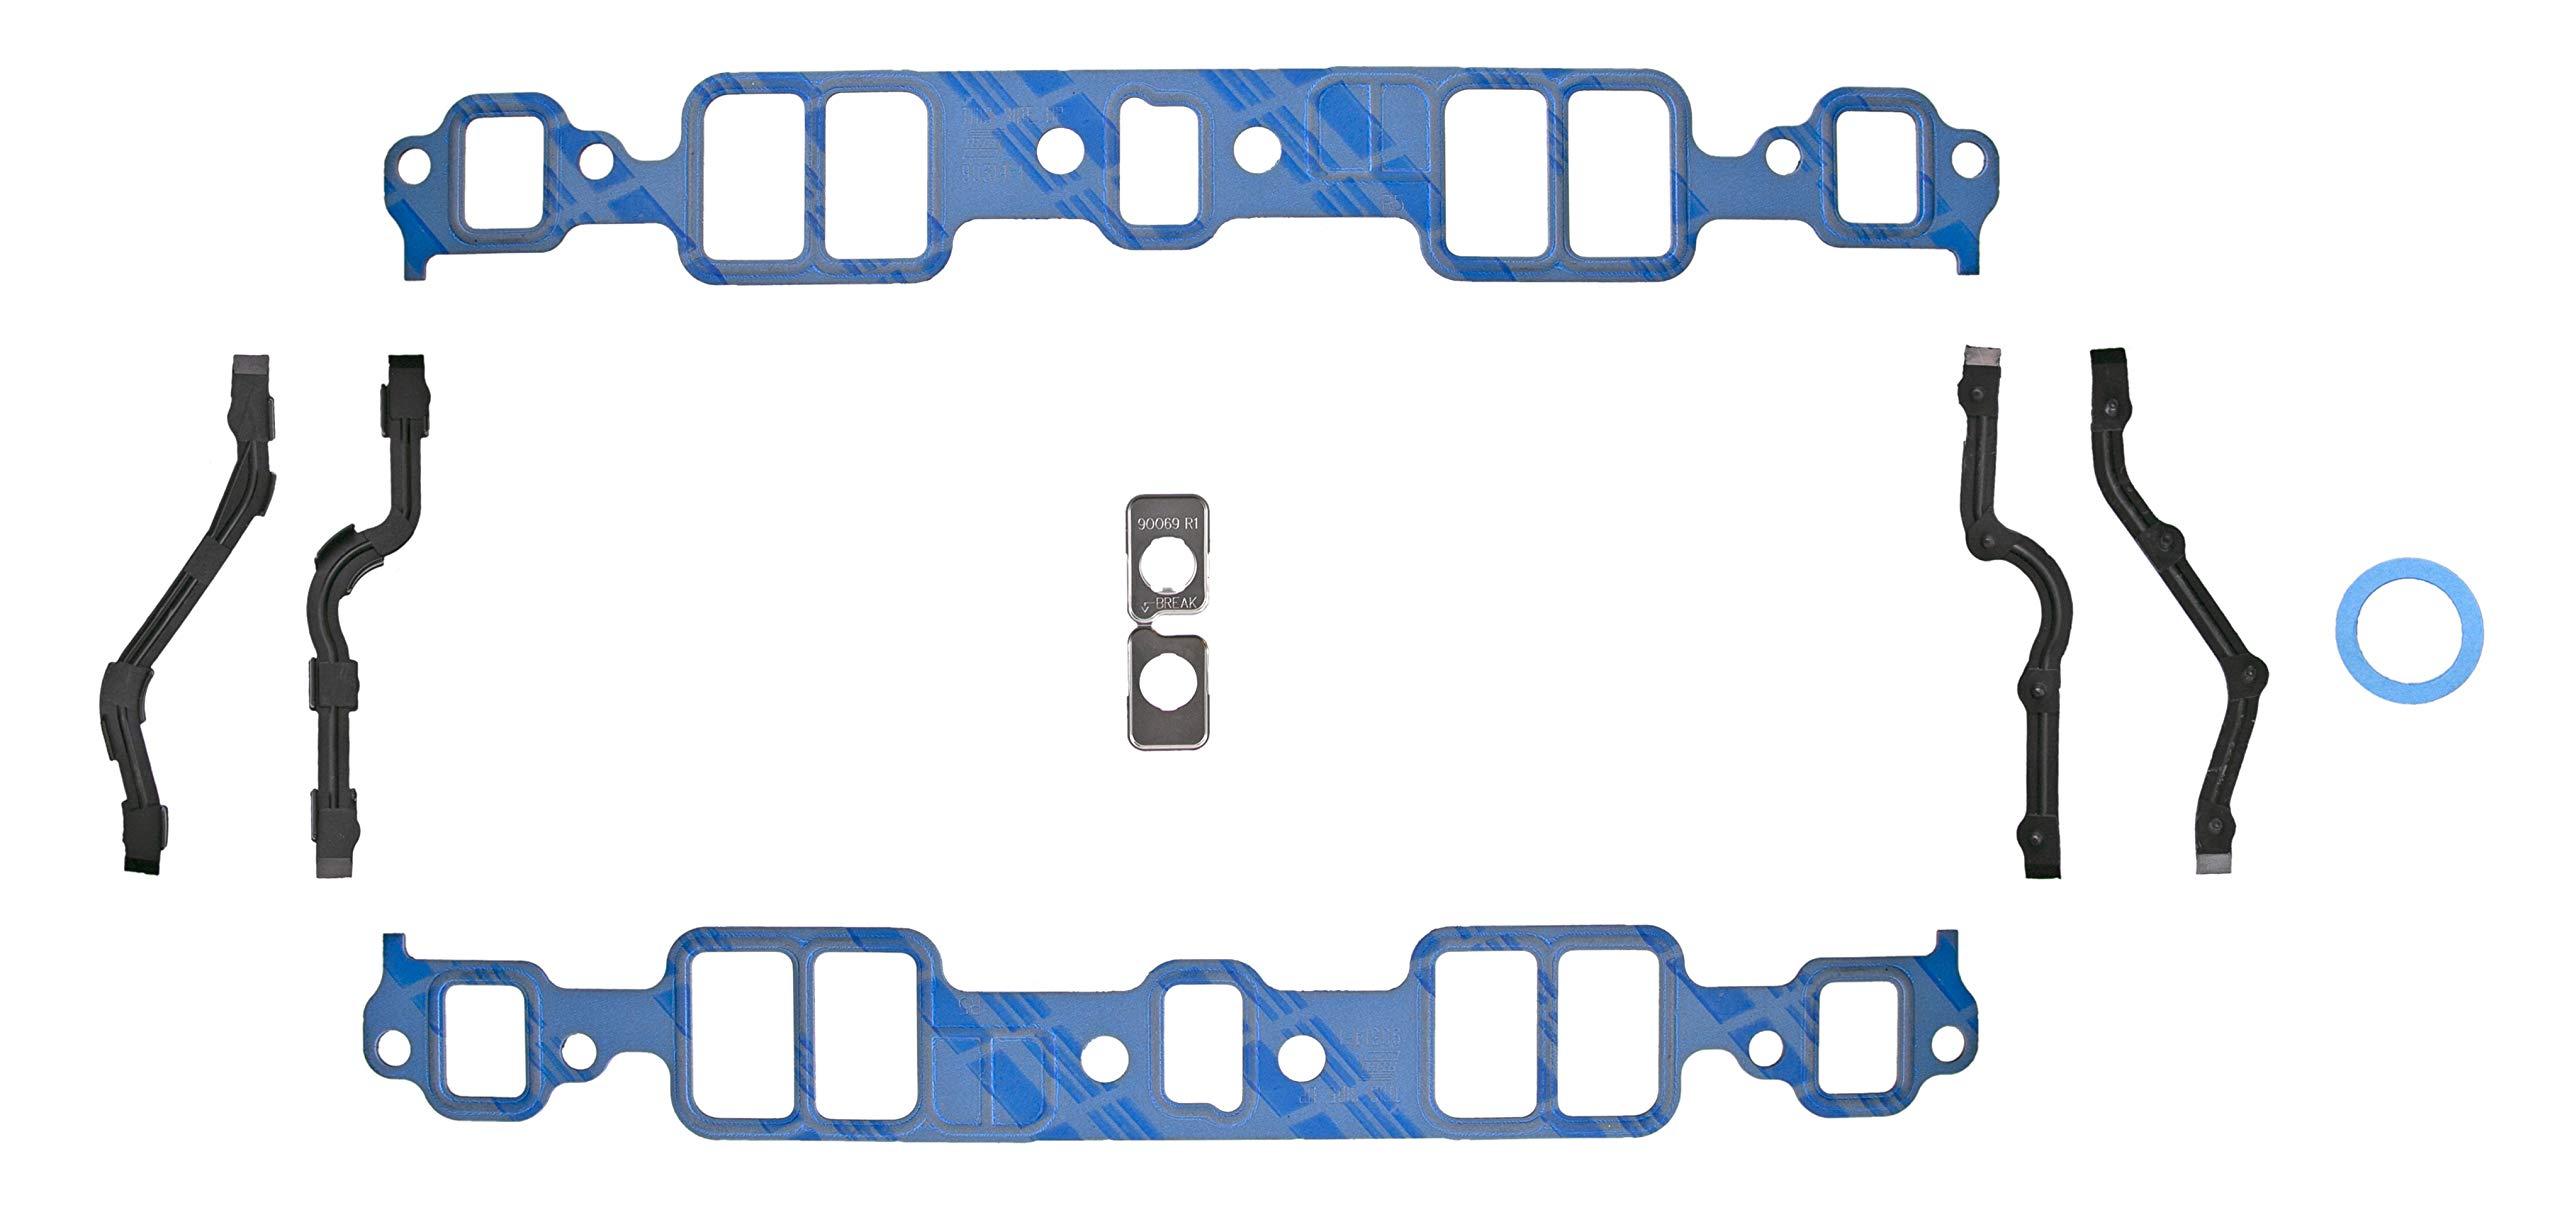 FEL-PRO MS 90314-2 Intake Manifold Gasket Set